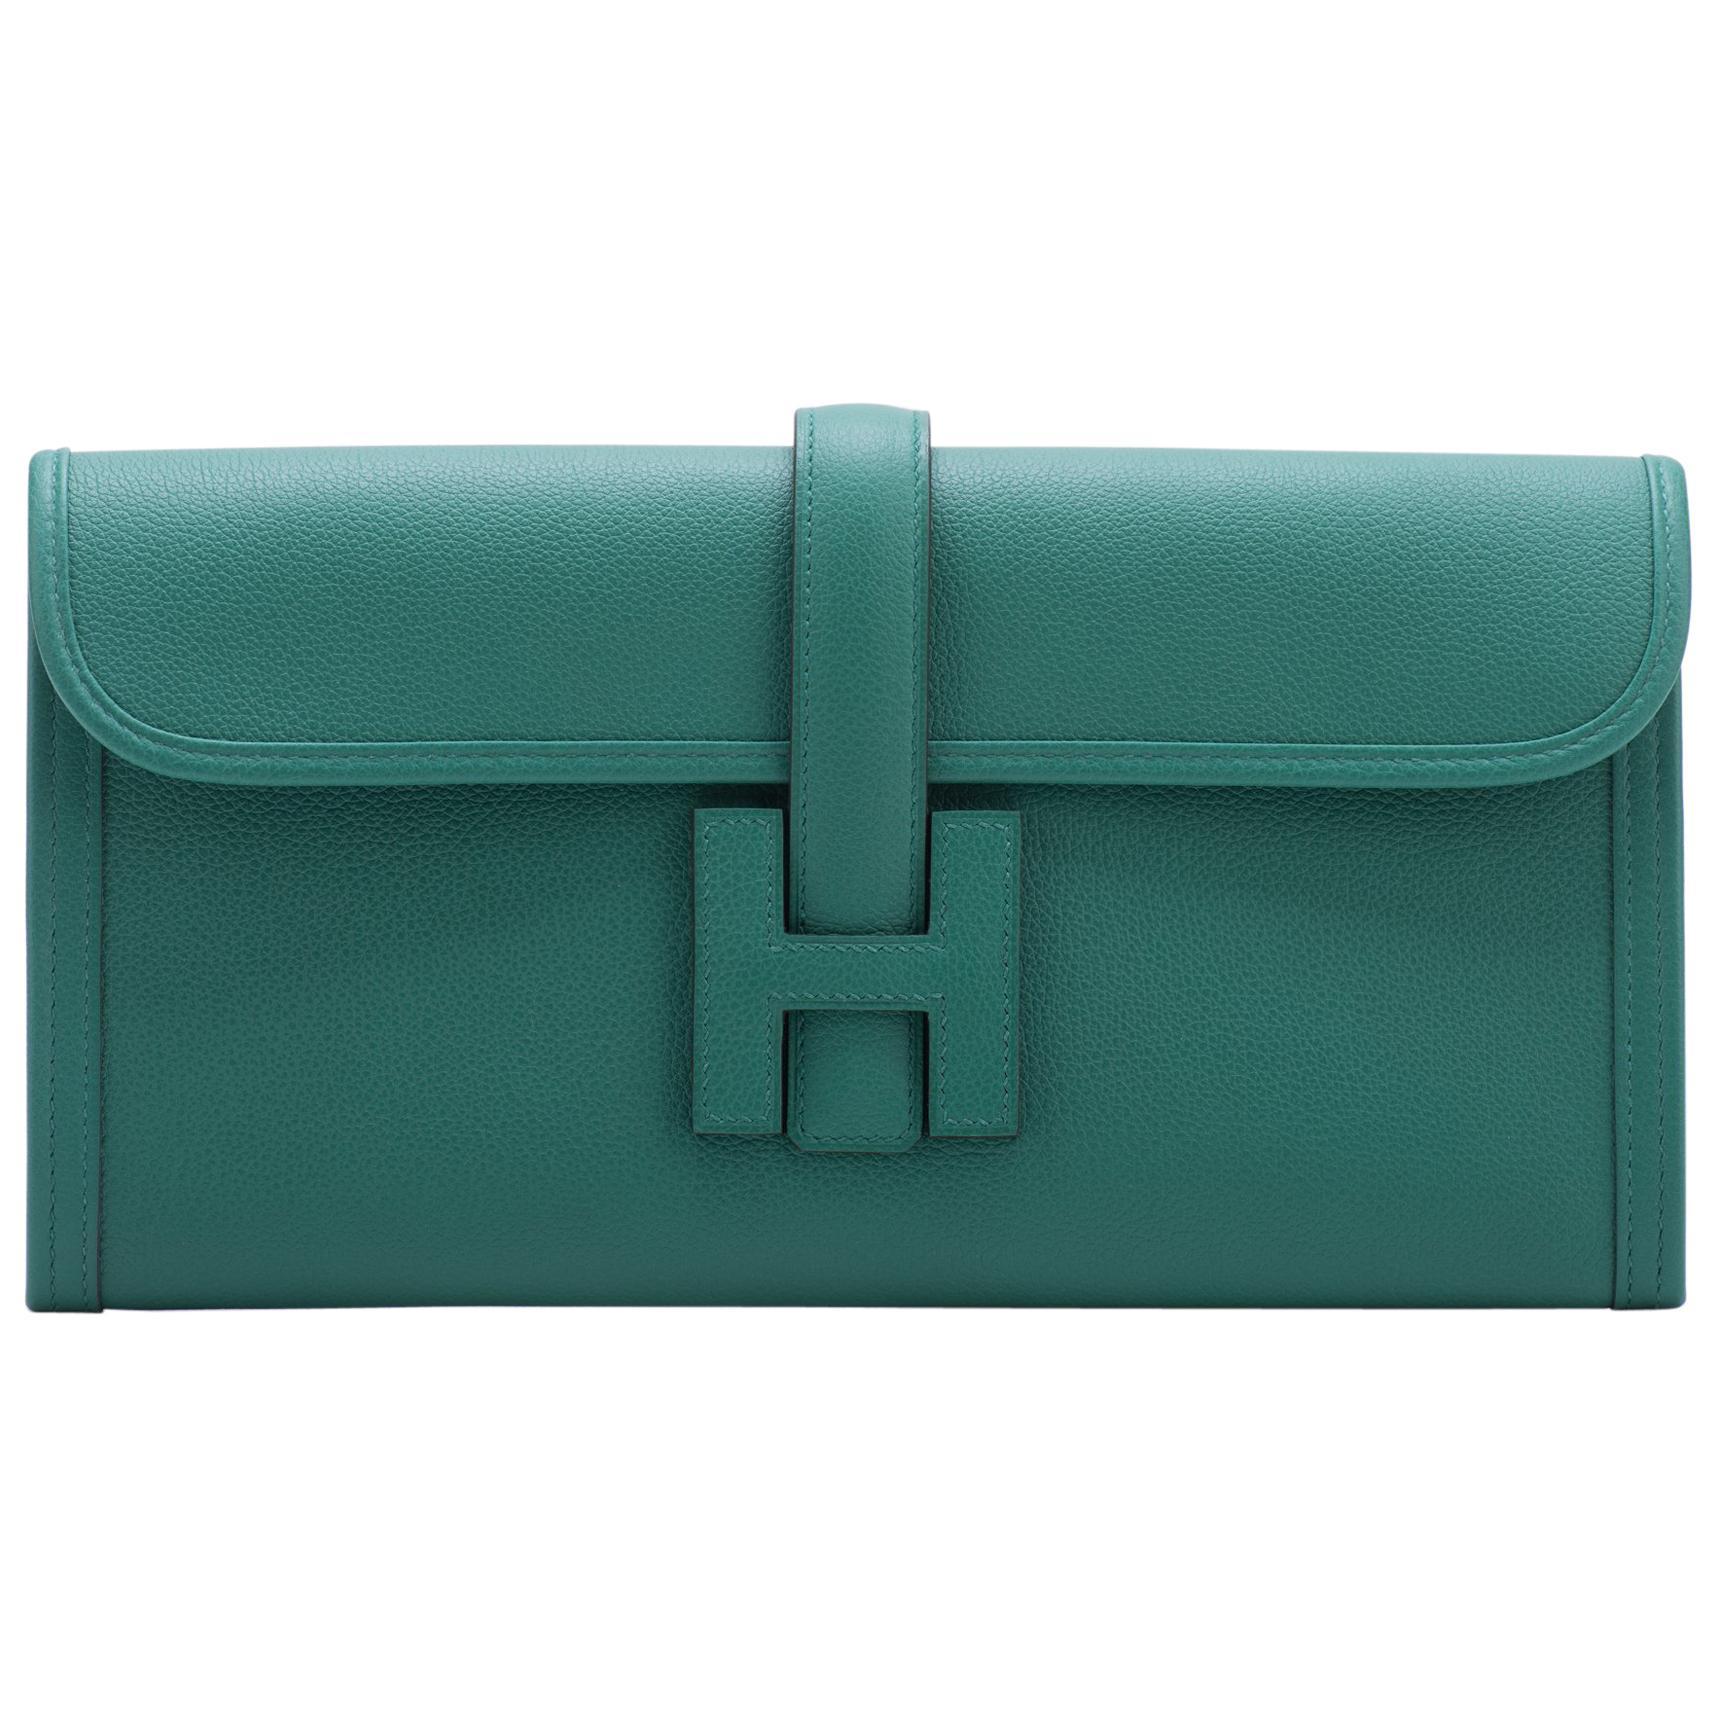 Brand New in Box Hermes Vert Vertigo Jige Elan Clutch Bag